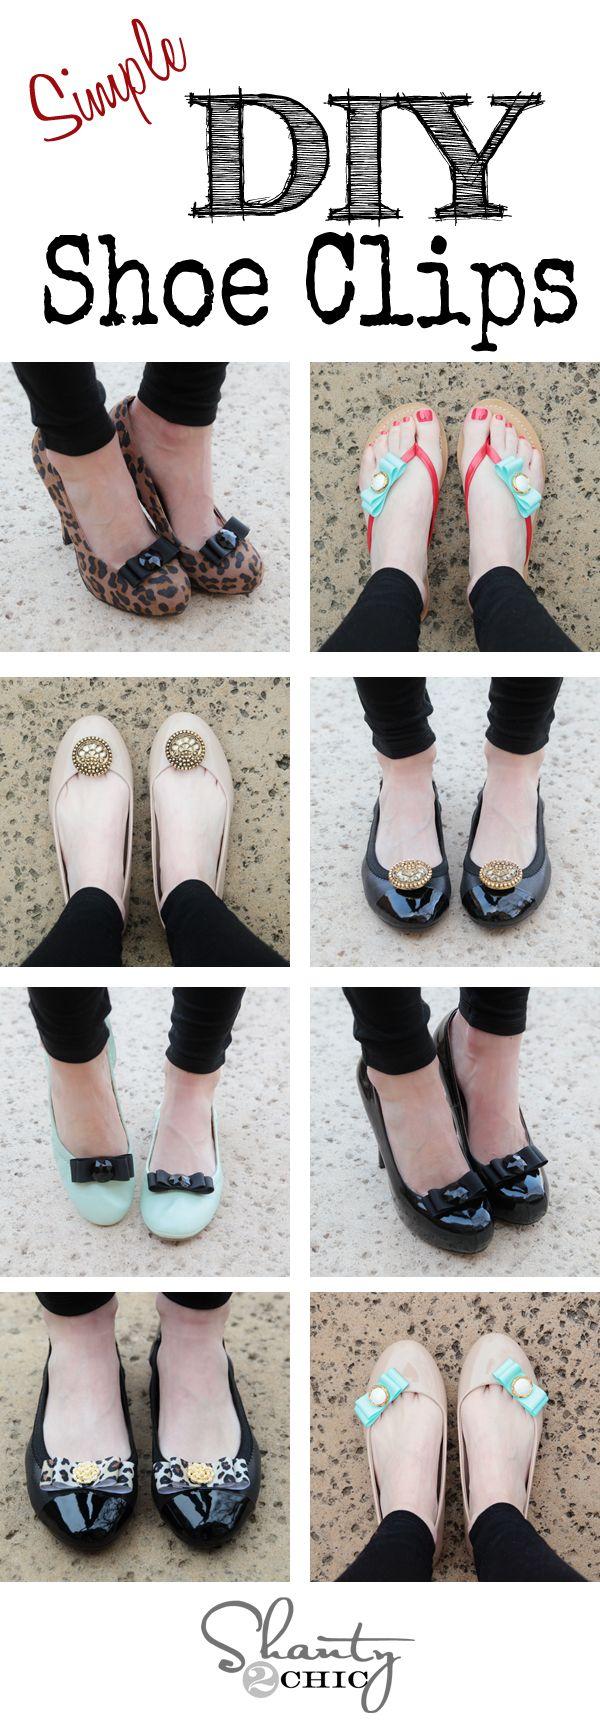 Cree los zapatos perfectos para cualquier ocasión con estos grandes clips de calzado de bricolaje